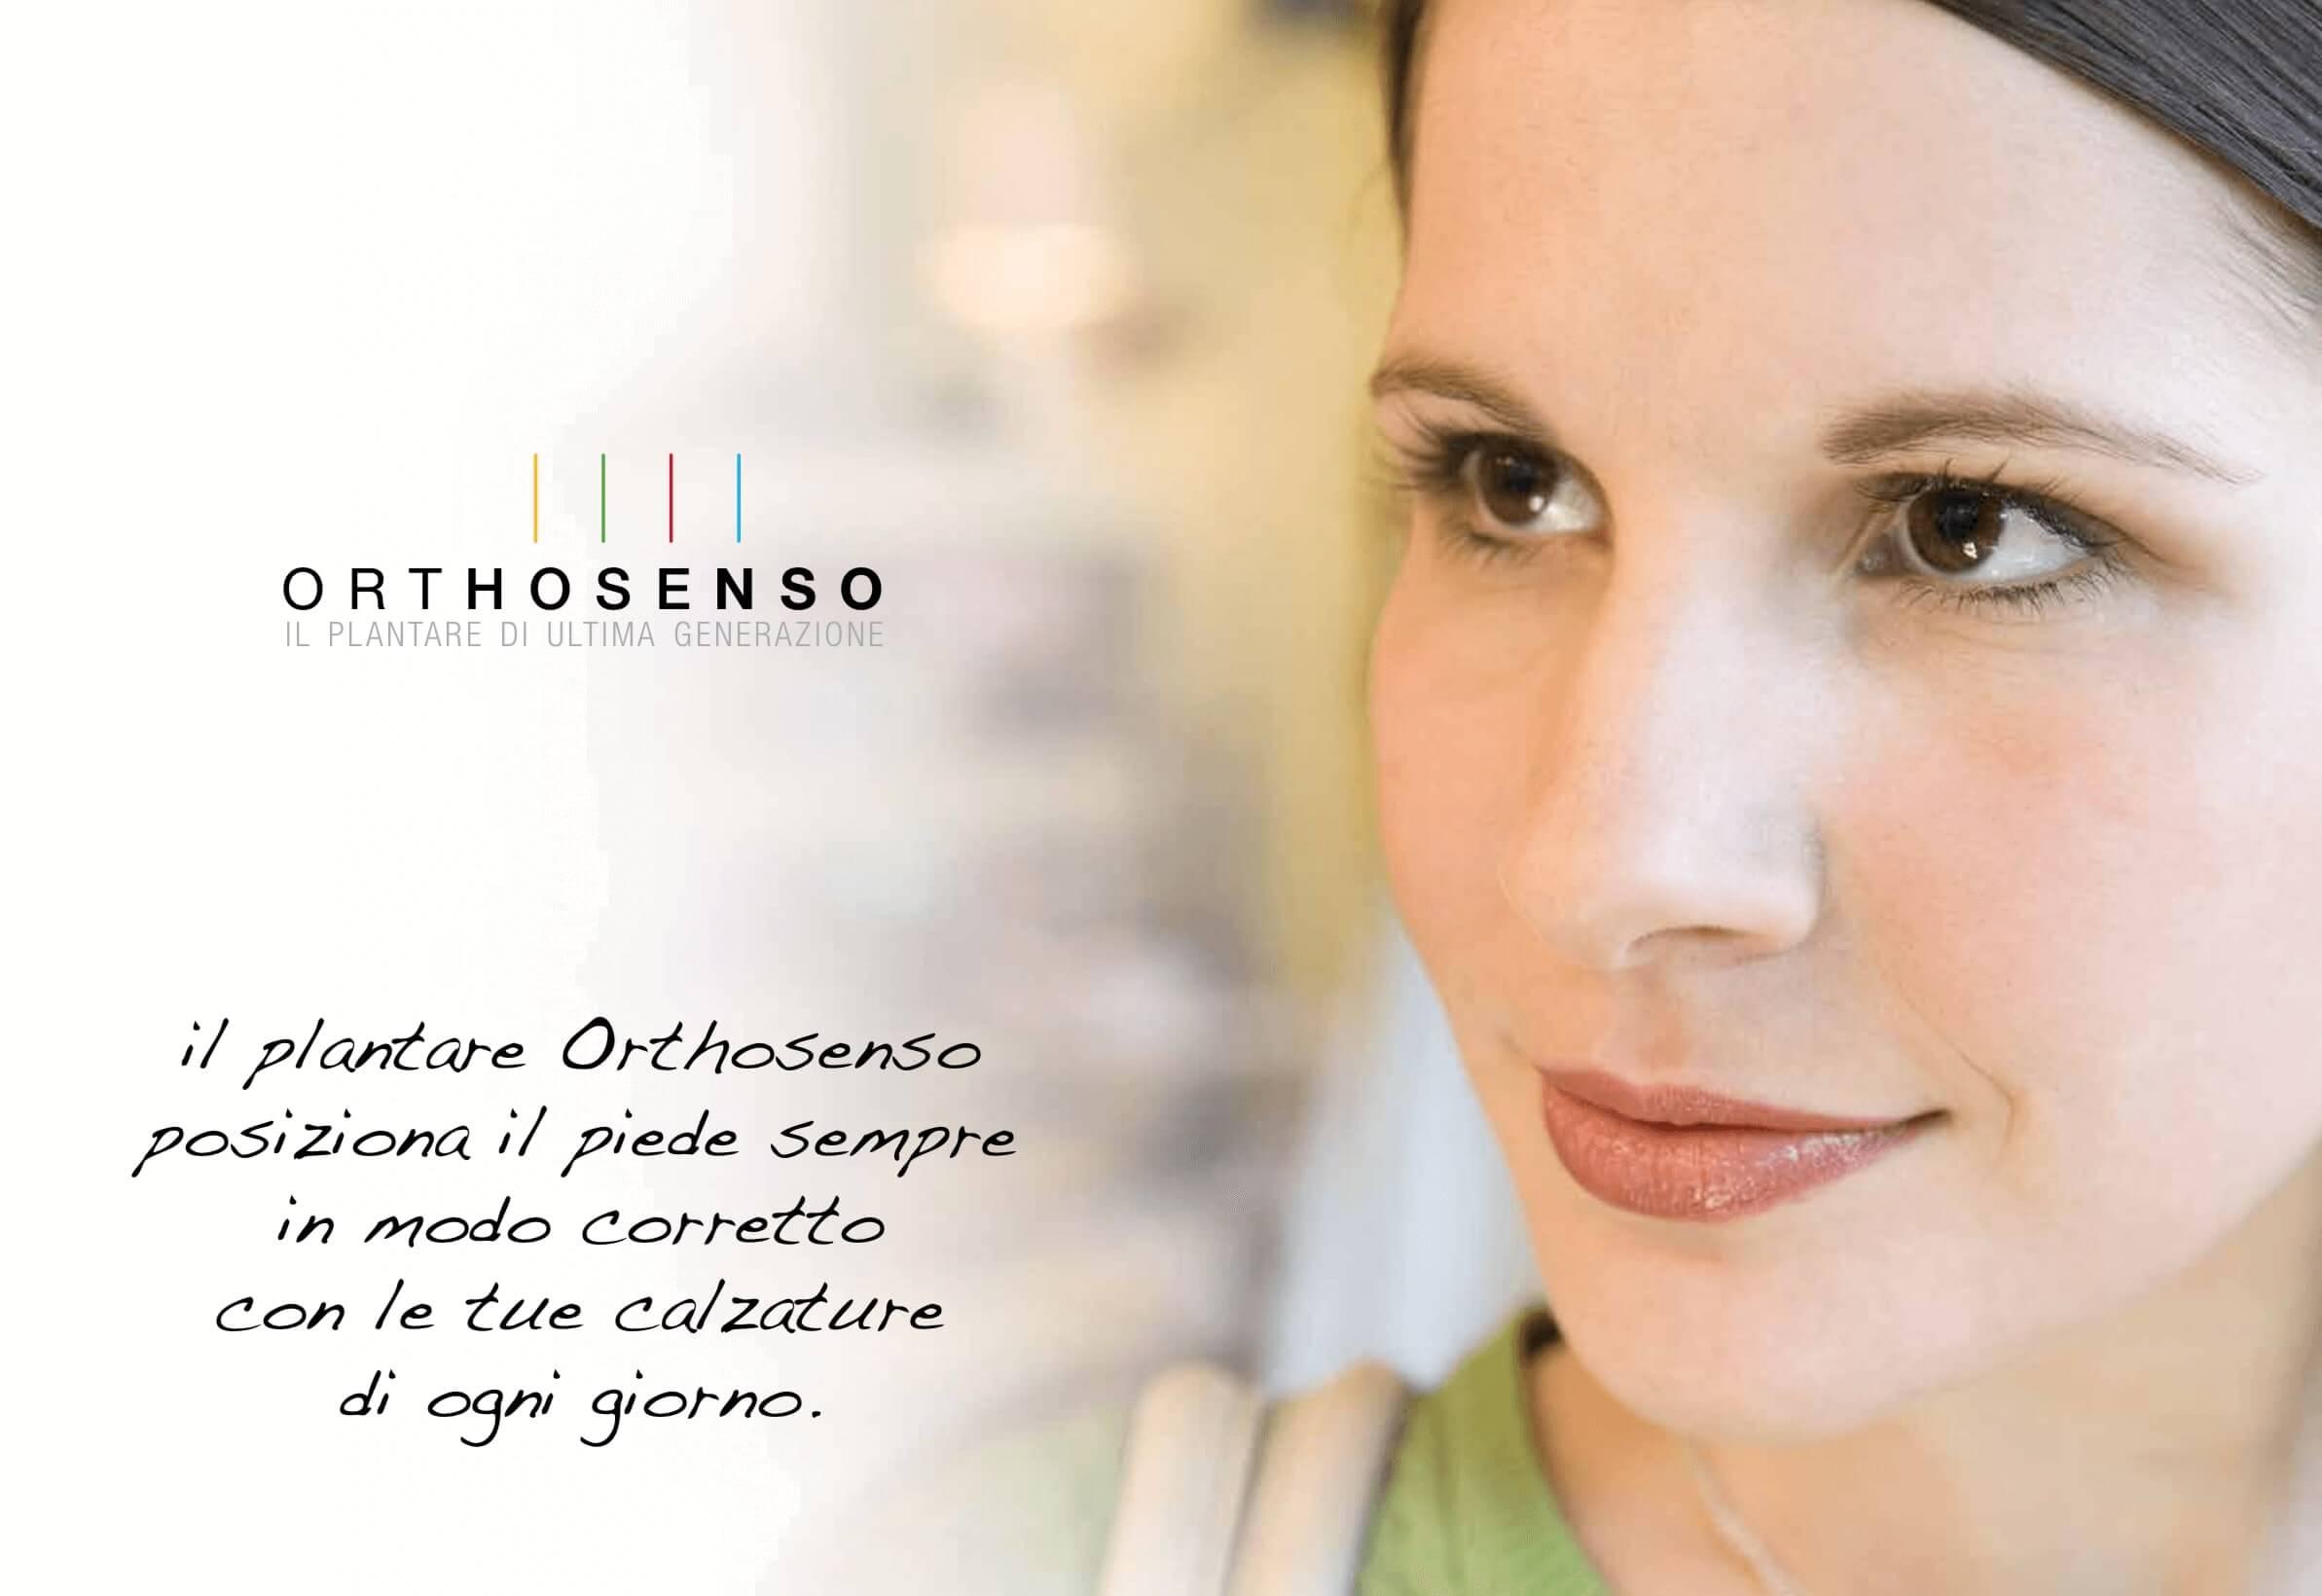 Orthosenso plantare ultima generazione - Officine-Ortopediche.com